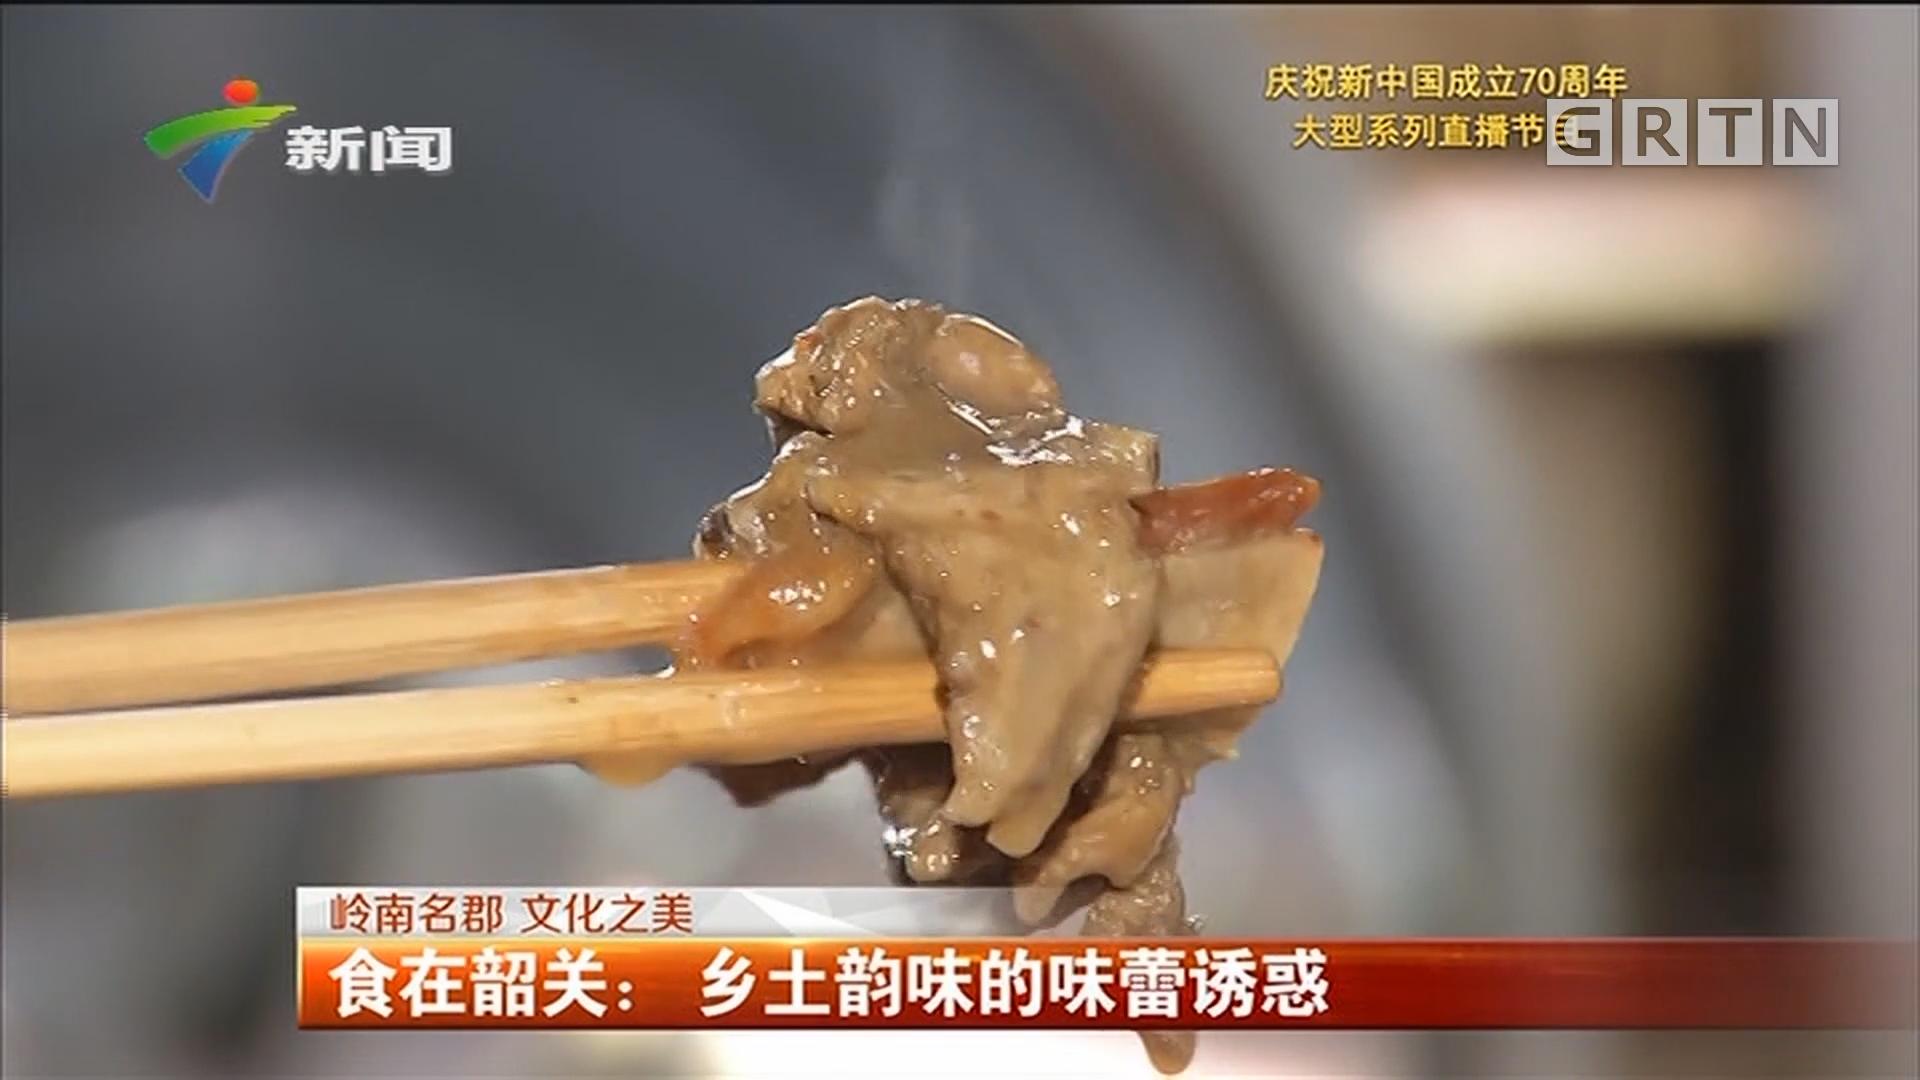 岭南名郡 文化之美 食在韶关:乡土韵味的味蕾诱惑